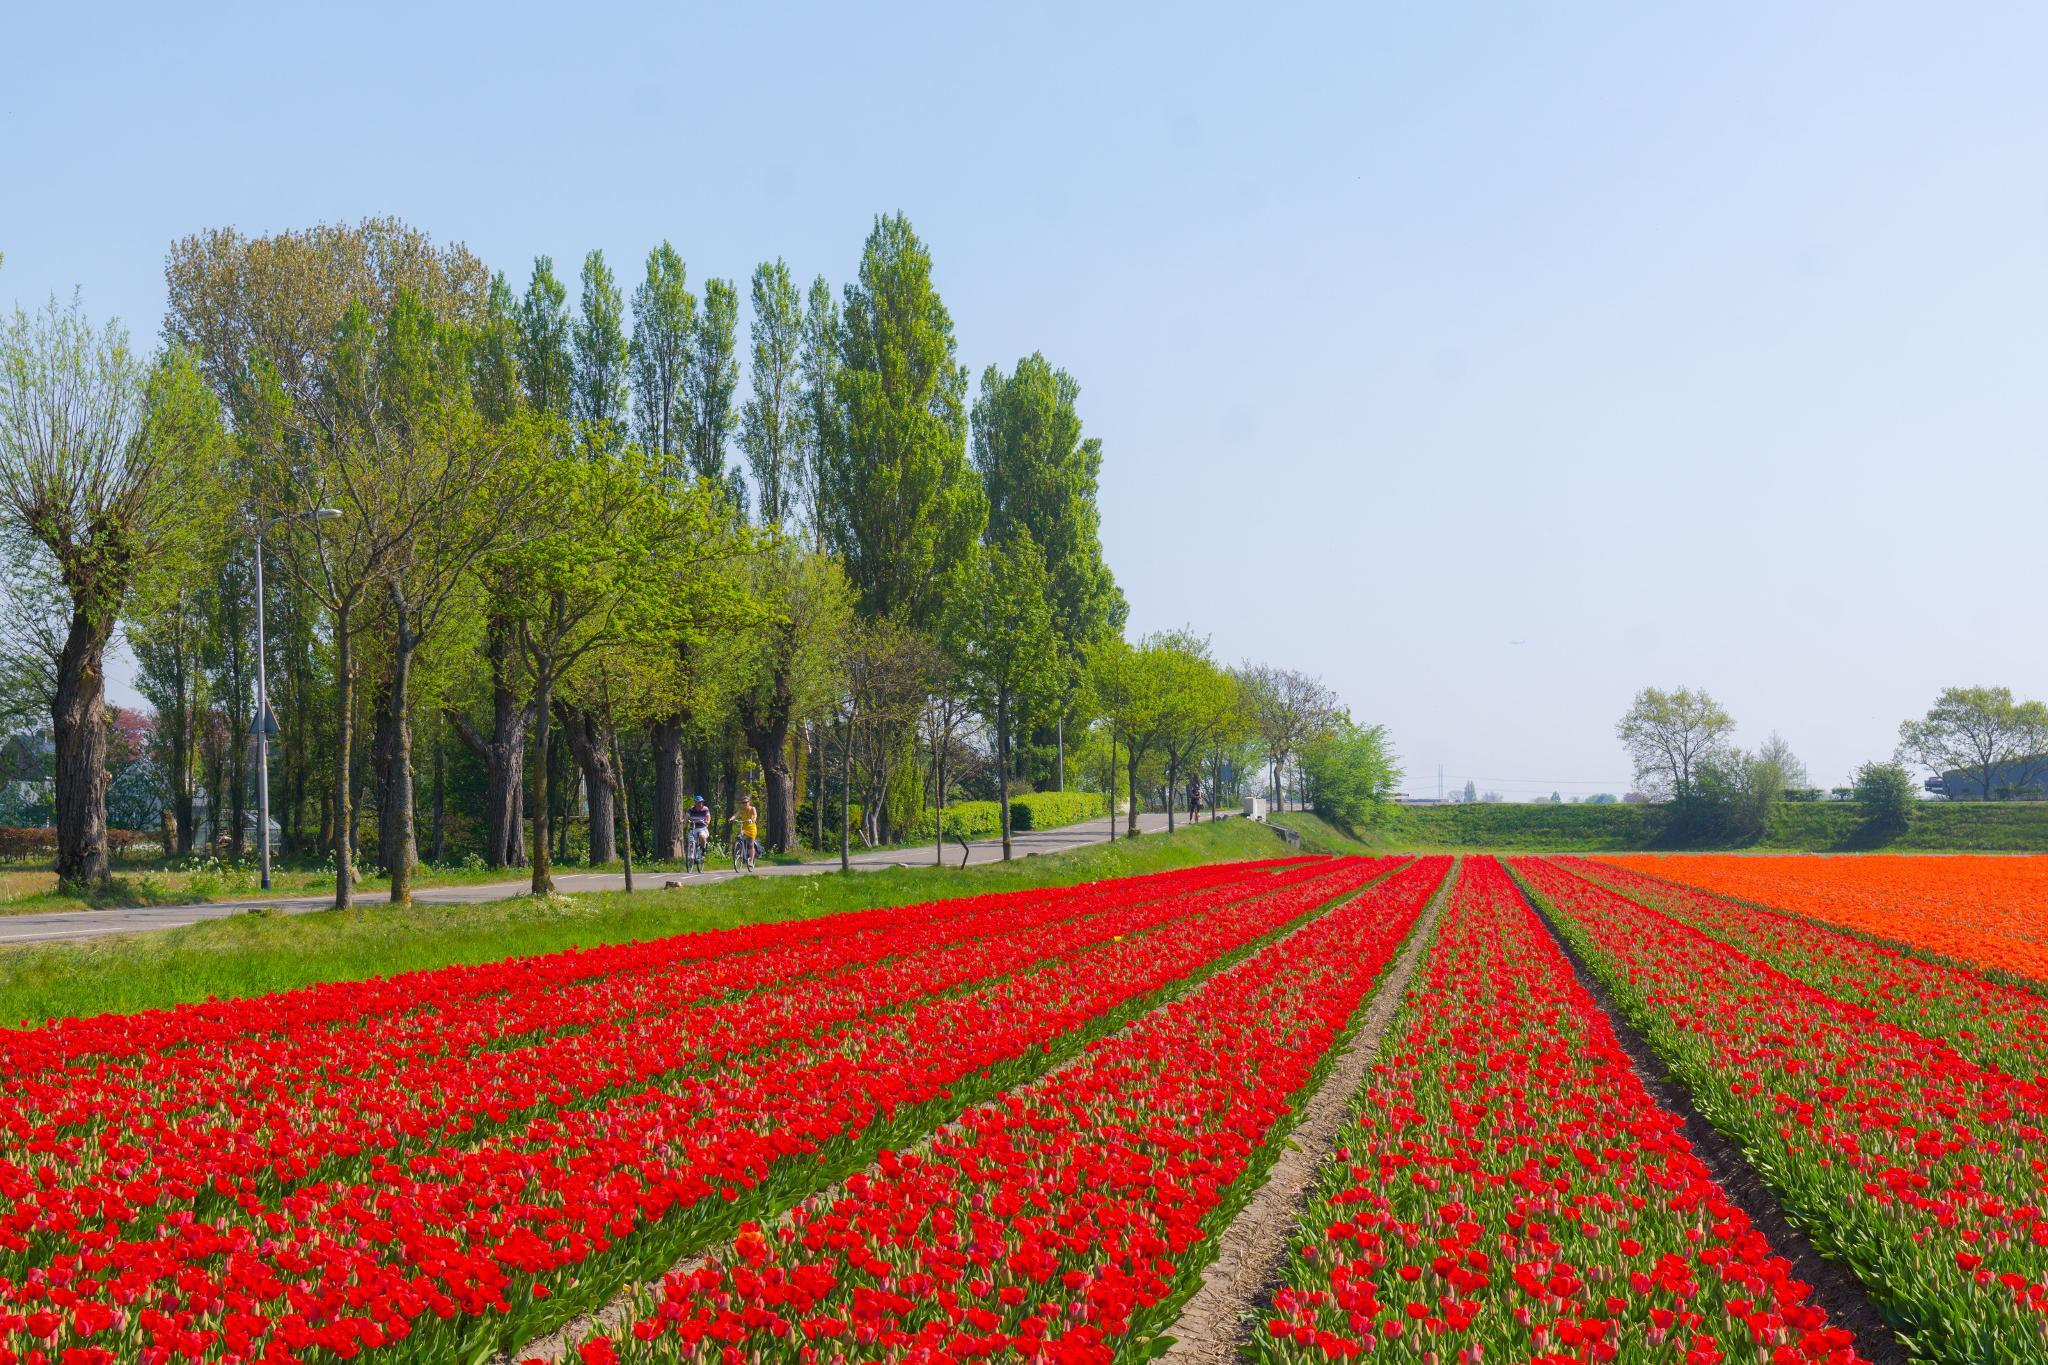 【荷蘭印象】花田嬉事:荷蘭單車花之路 31